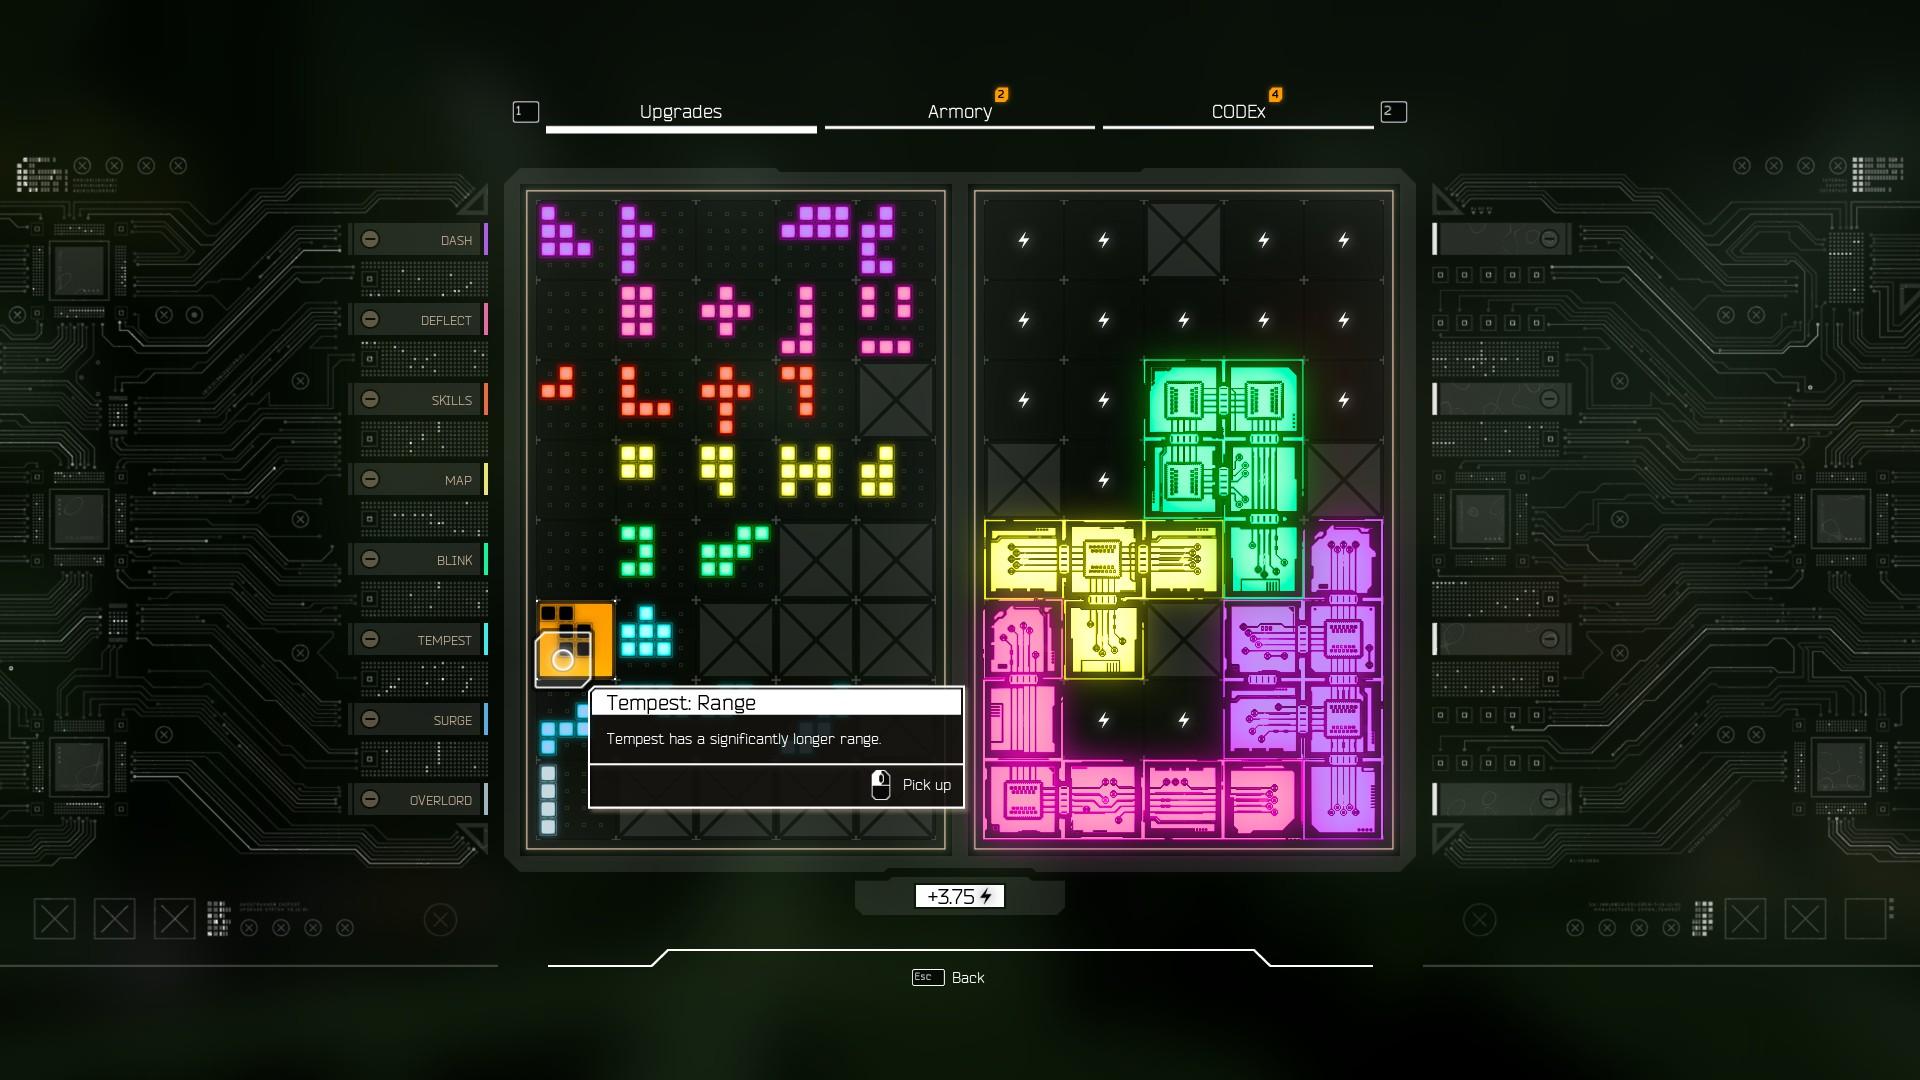 Vylepšovanie schopností je vyriešené Tetrisom. Koľko toho zmestíme, toľko toho budeme mať.